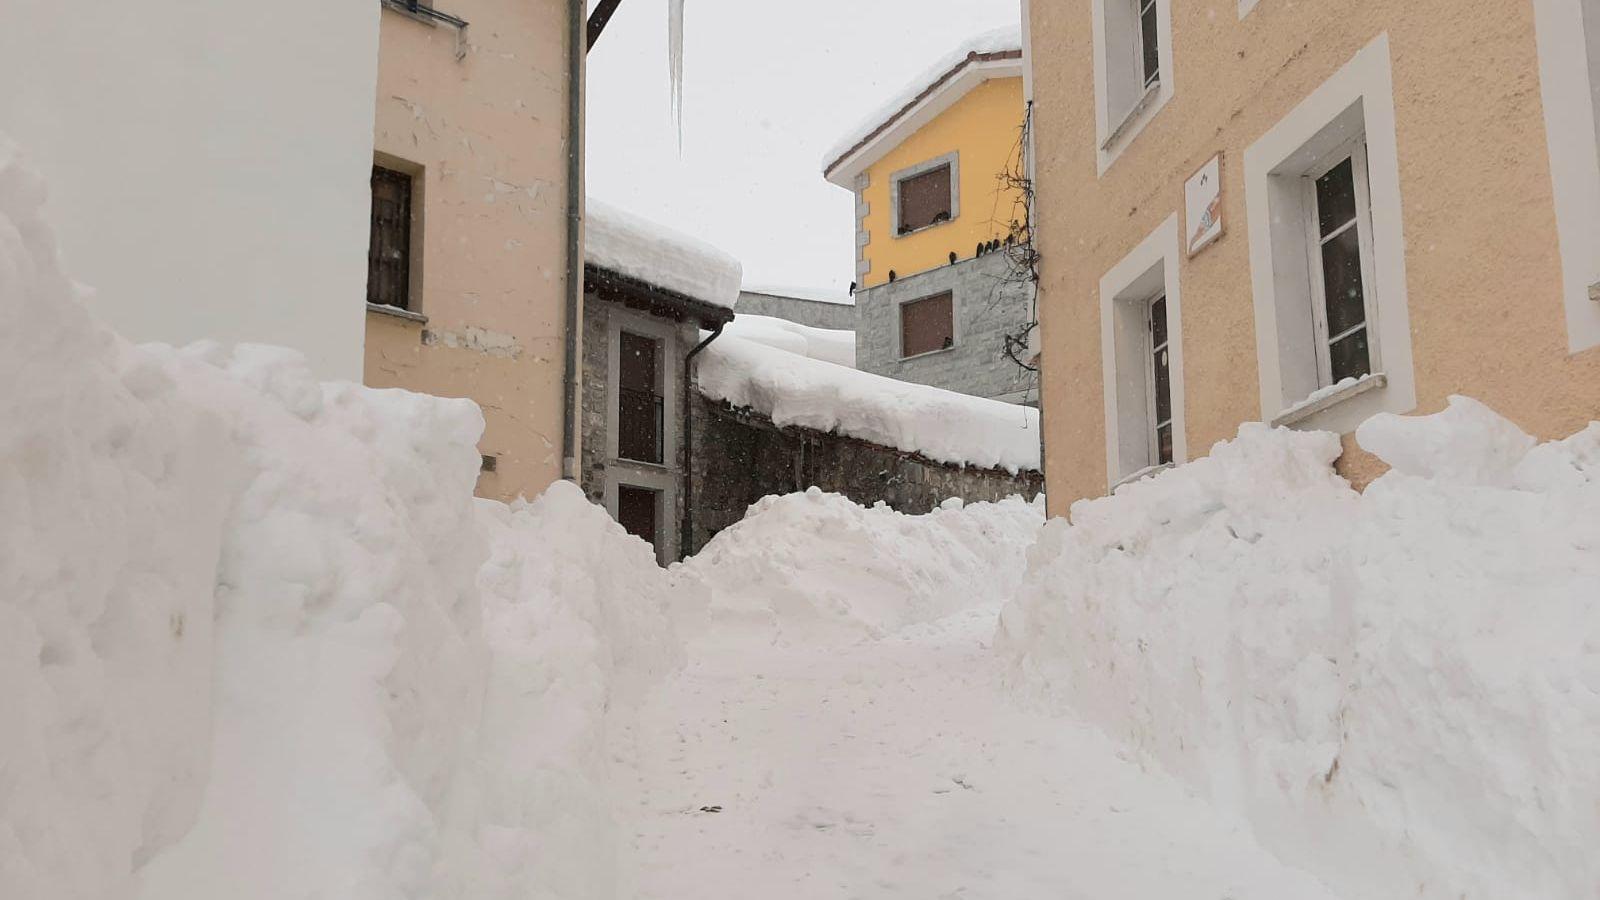 Las calles de Sotres están llenas de nieve